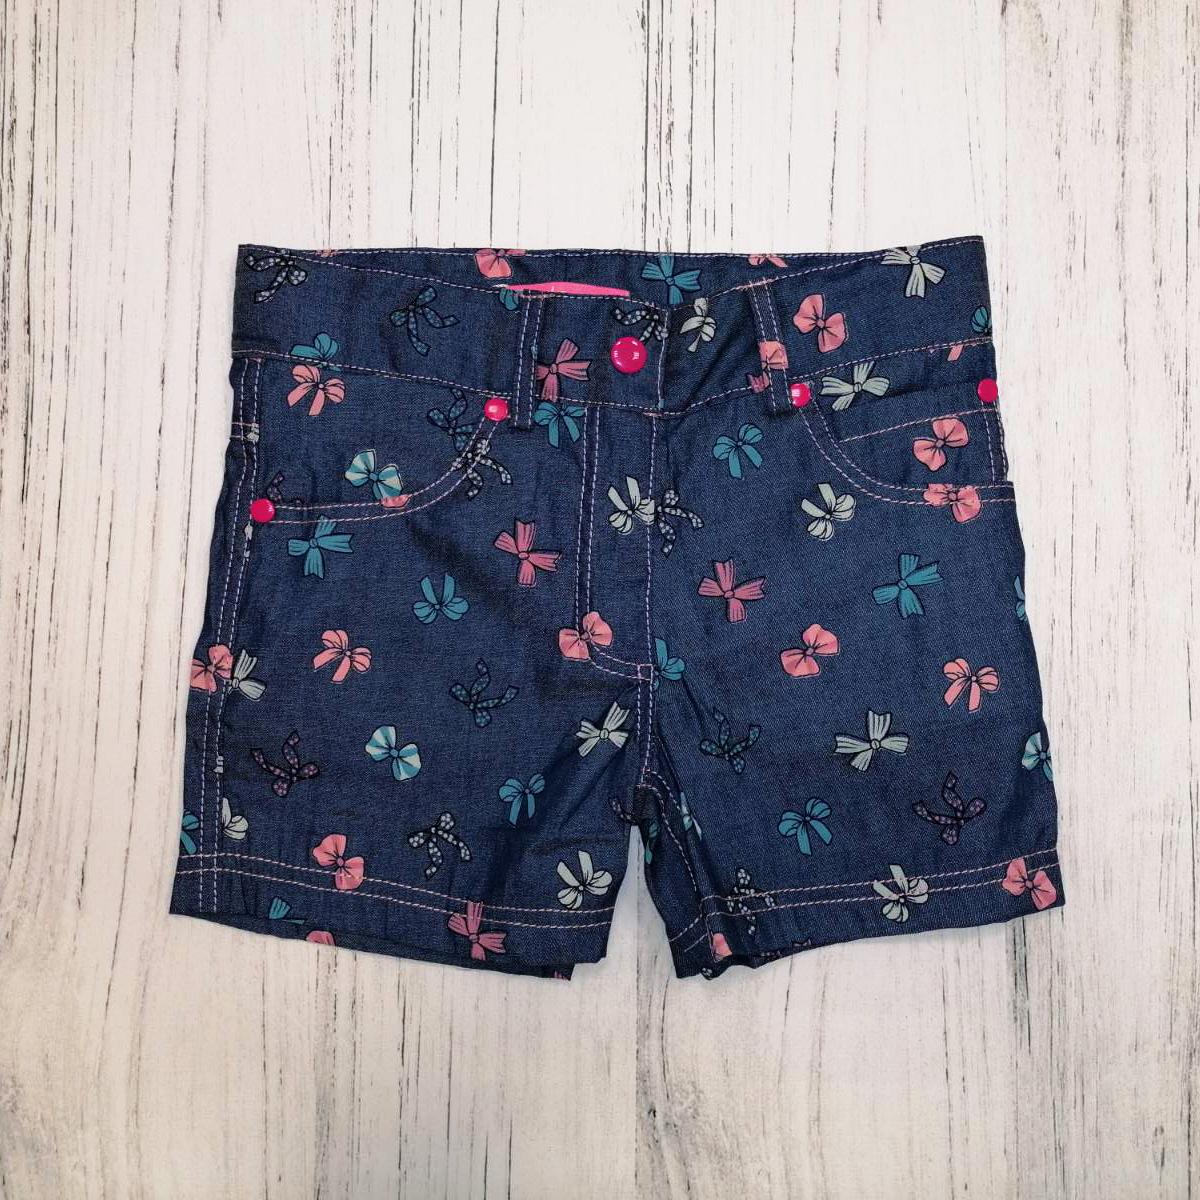 Шорти дитячі для дівчинки, Jeans Bow, джинс, SmileTime